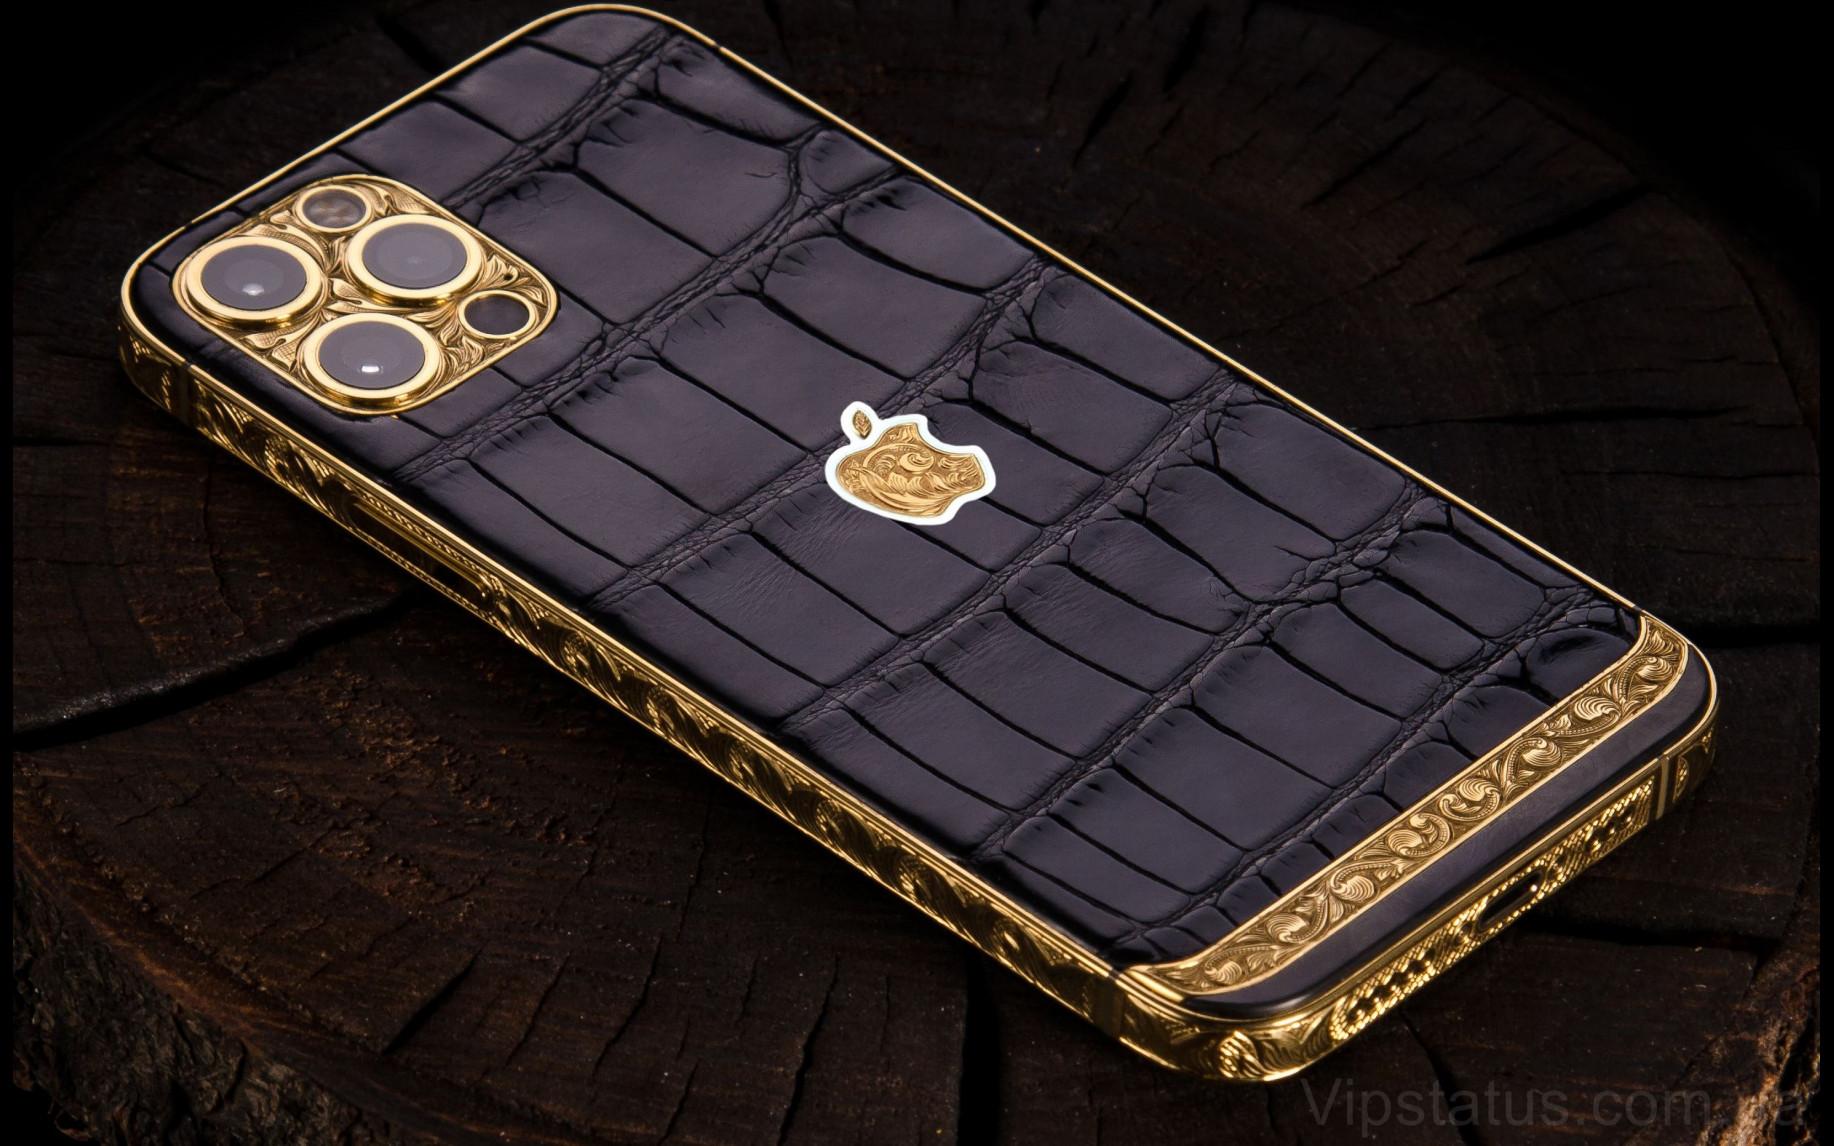 Elite Magic Apple Black IPHONE 12 PRO MAX 512 GB Magic Apple Black IPHONE 12 PRO MAX 512 GB image 5